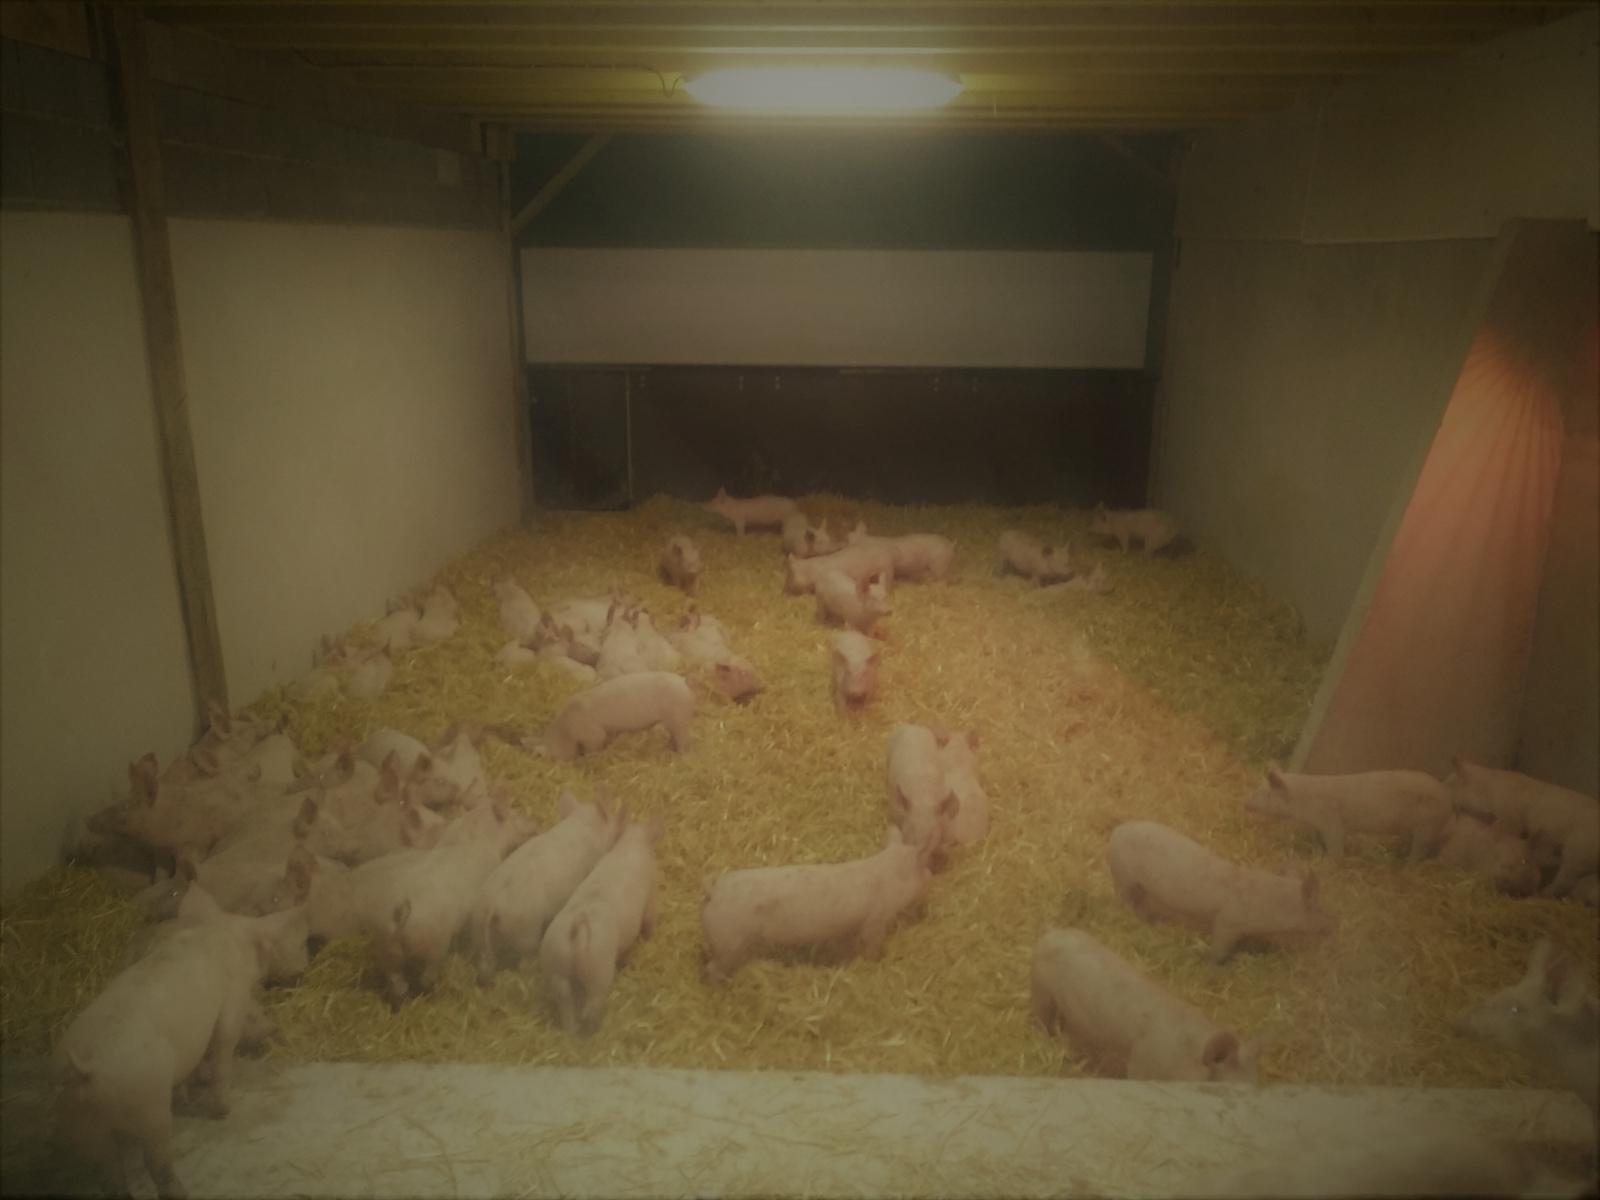 La Corbiniere Vente De Porc Mayenne Img 3